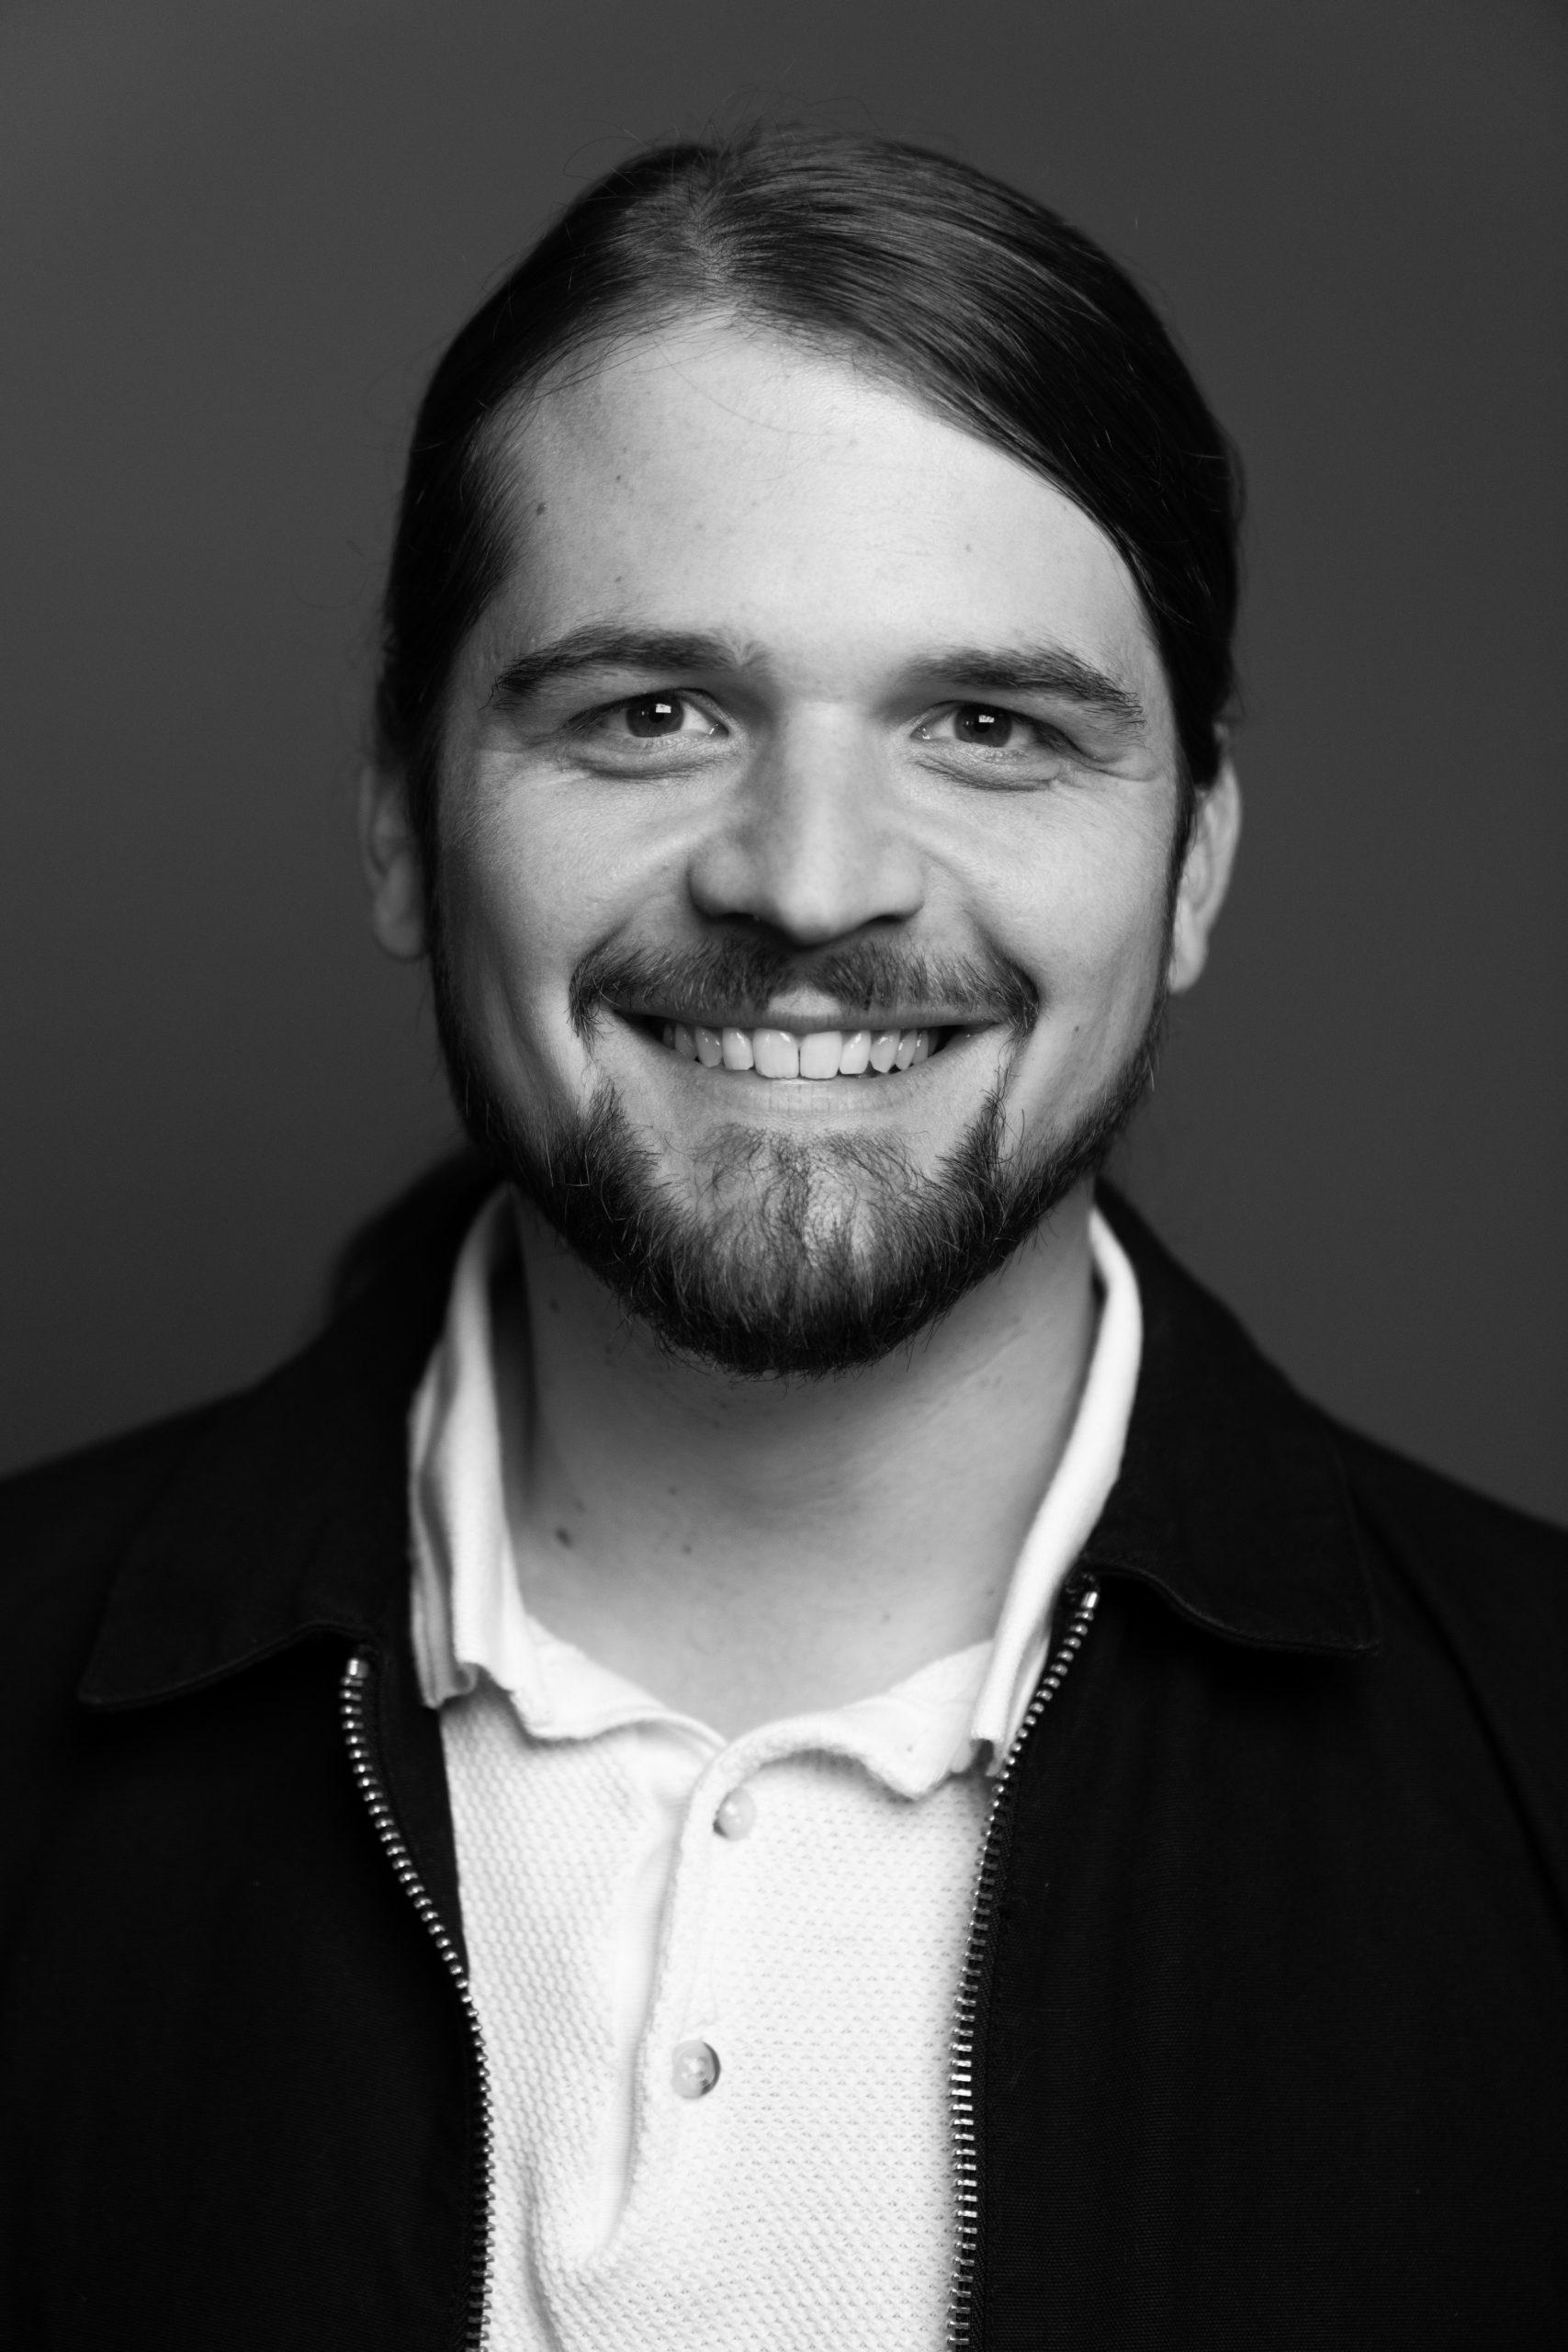 Ing. Christoph Temmel, M.A.